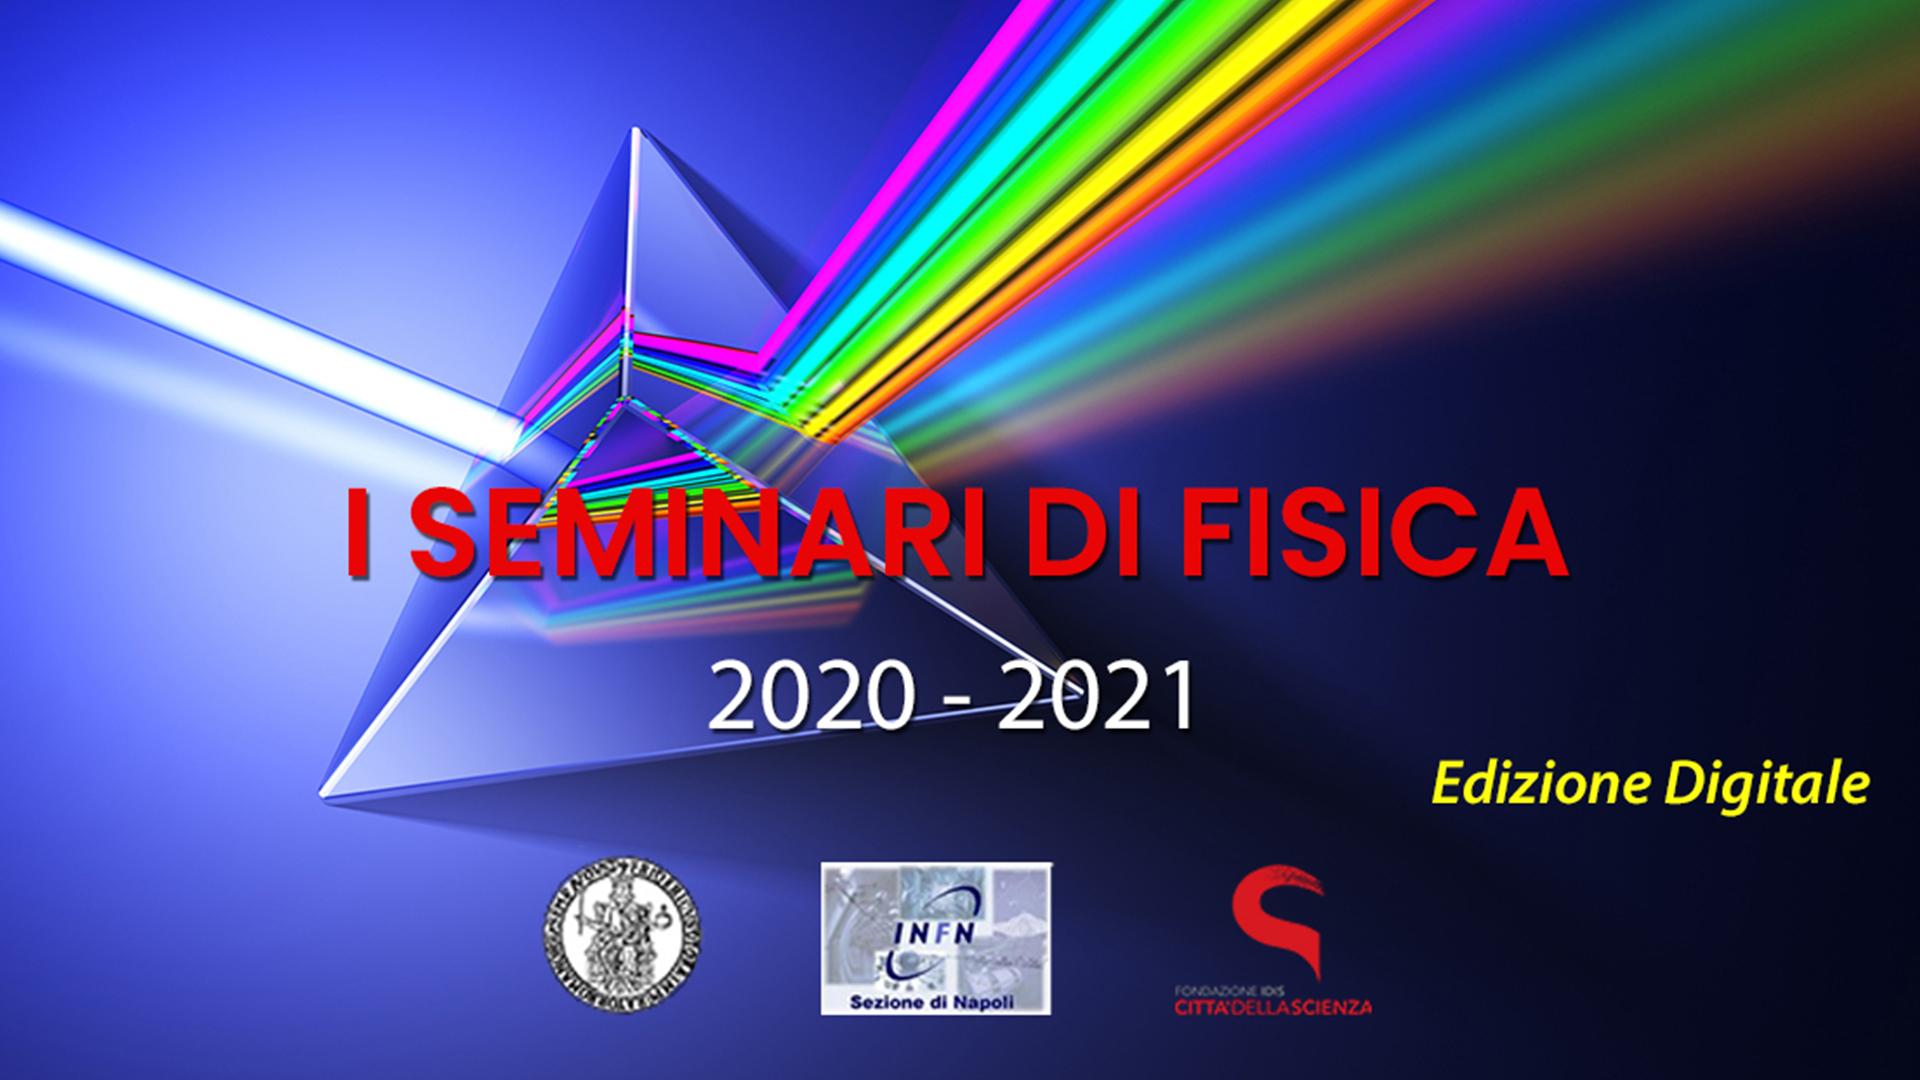 SEMINARI DI FISICA 2020-2021_ita